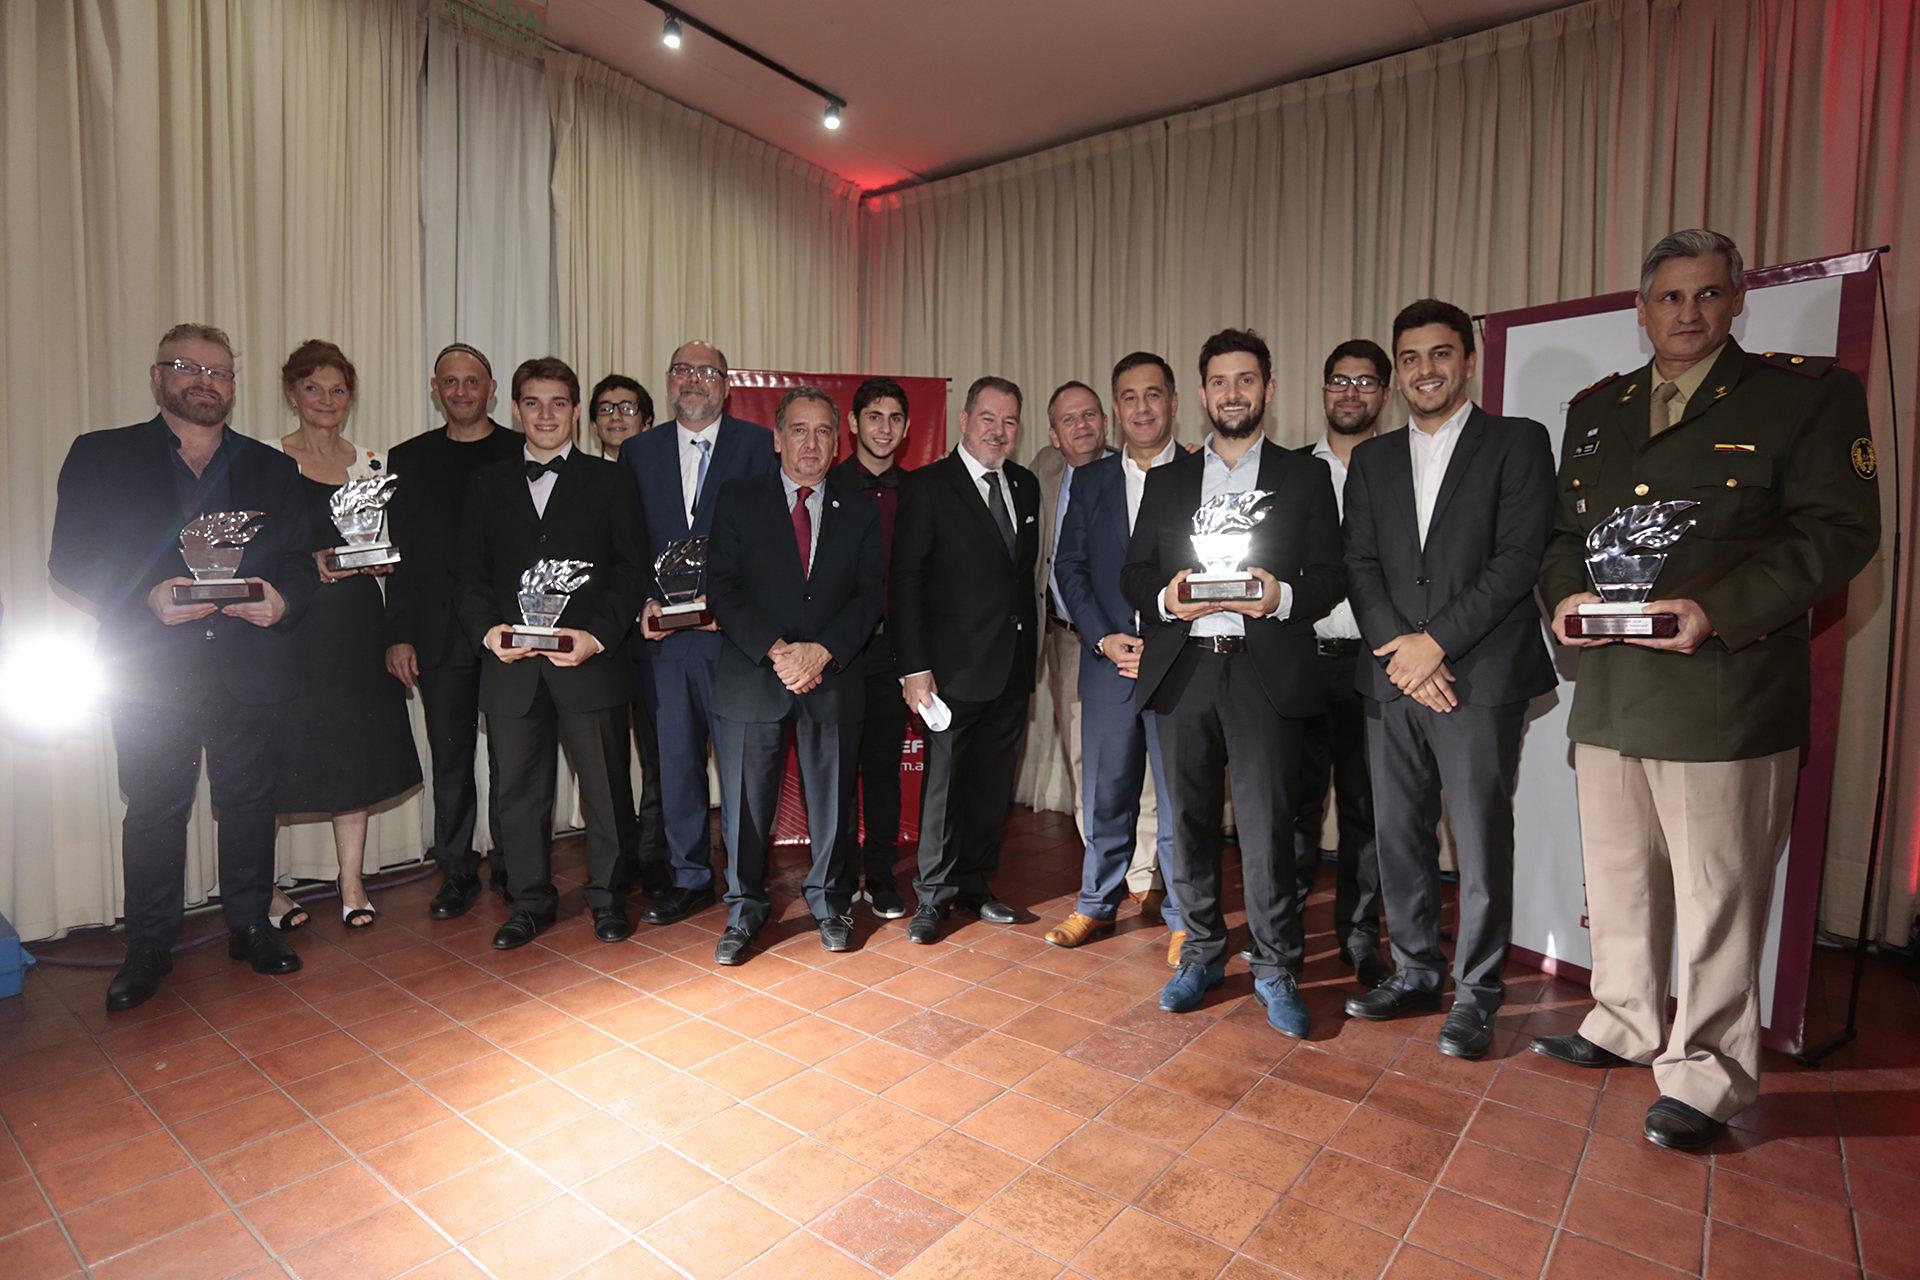 La foto final de todos los premiados junto a Mario Montoto, los ministros Sergio Bergman, Lino Barañao y Alejandro Finocchiaro, y el embajador de Israel en la Argentina, Ilan Sztulman /// Fotos: Christian Bochichio – TAEDA